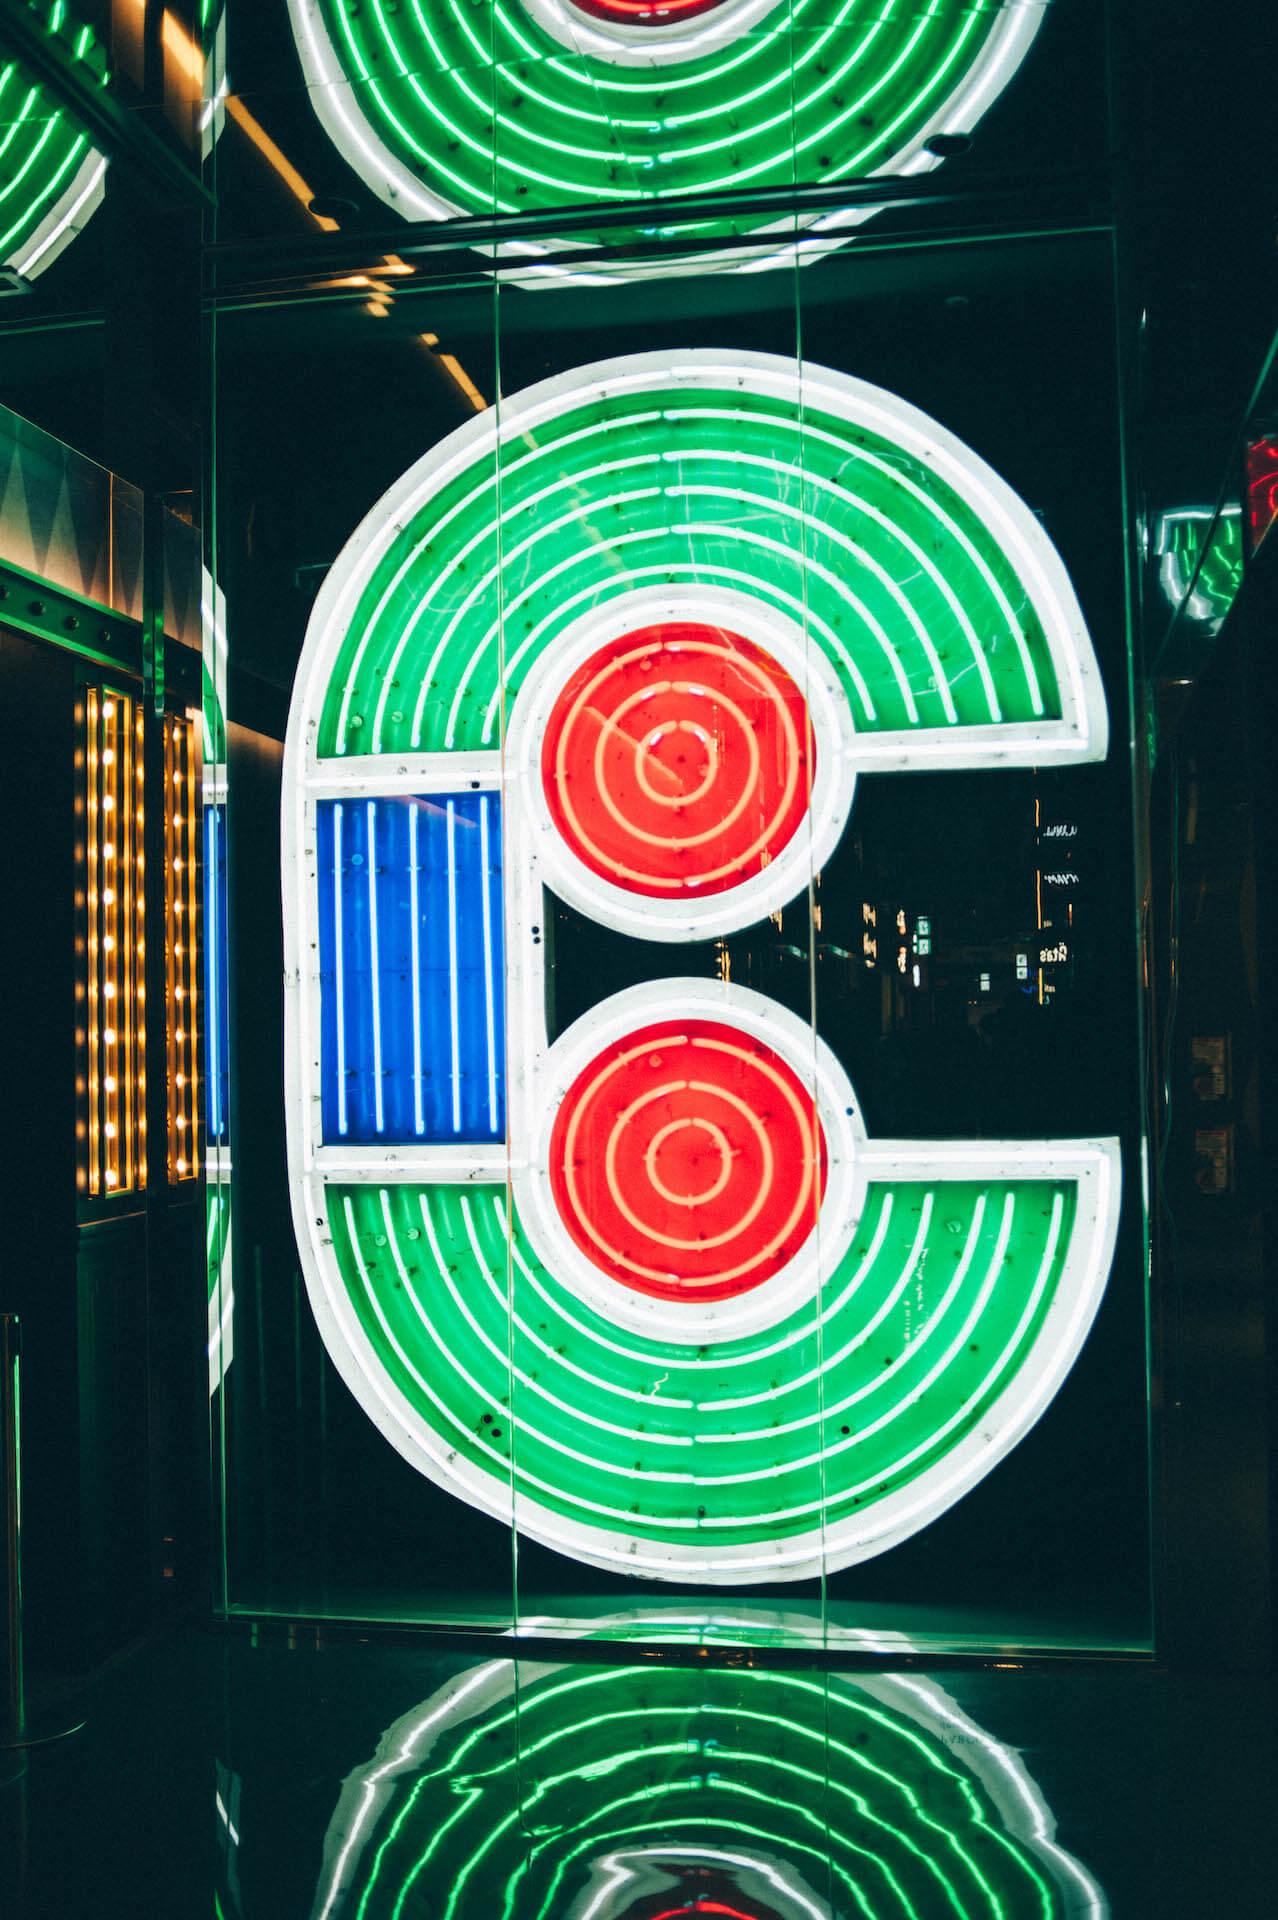 新生渋谷PARCOのカオスなフードエリア「CHAOS KITCHEN」注目の3店舗をピックアップ lfefashion-20191122-parco-7156